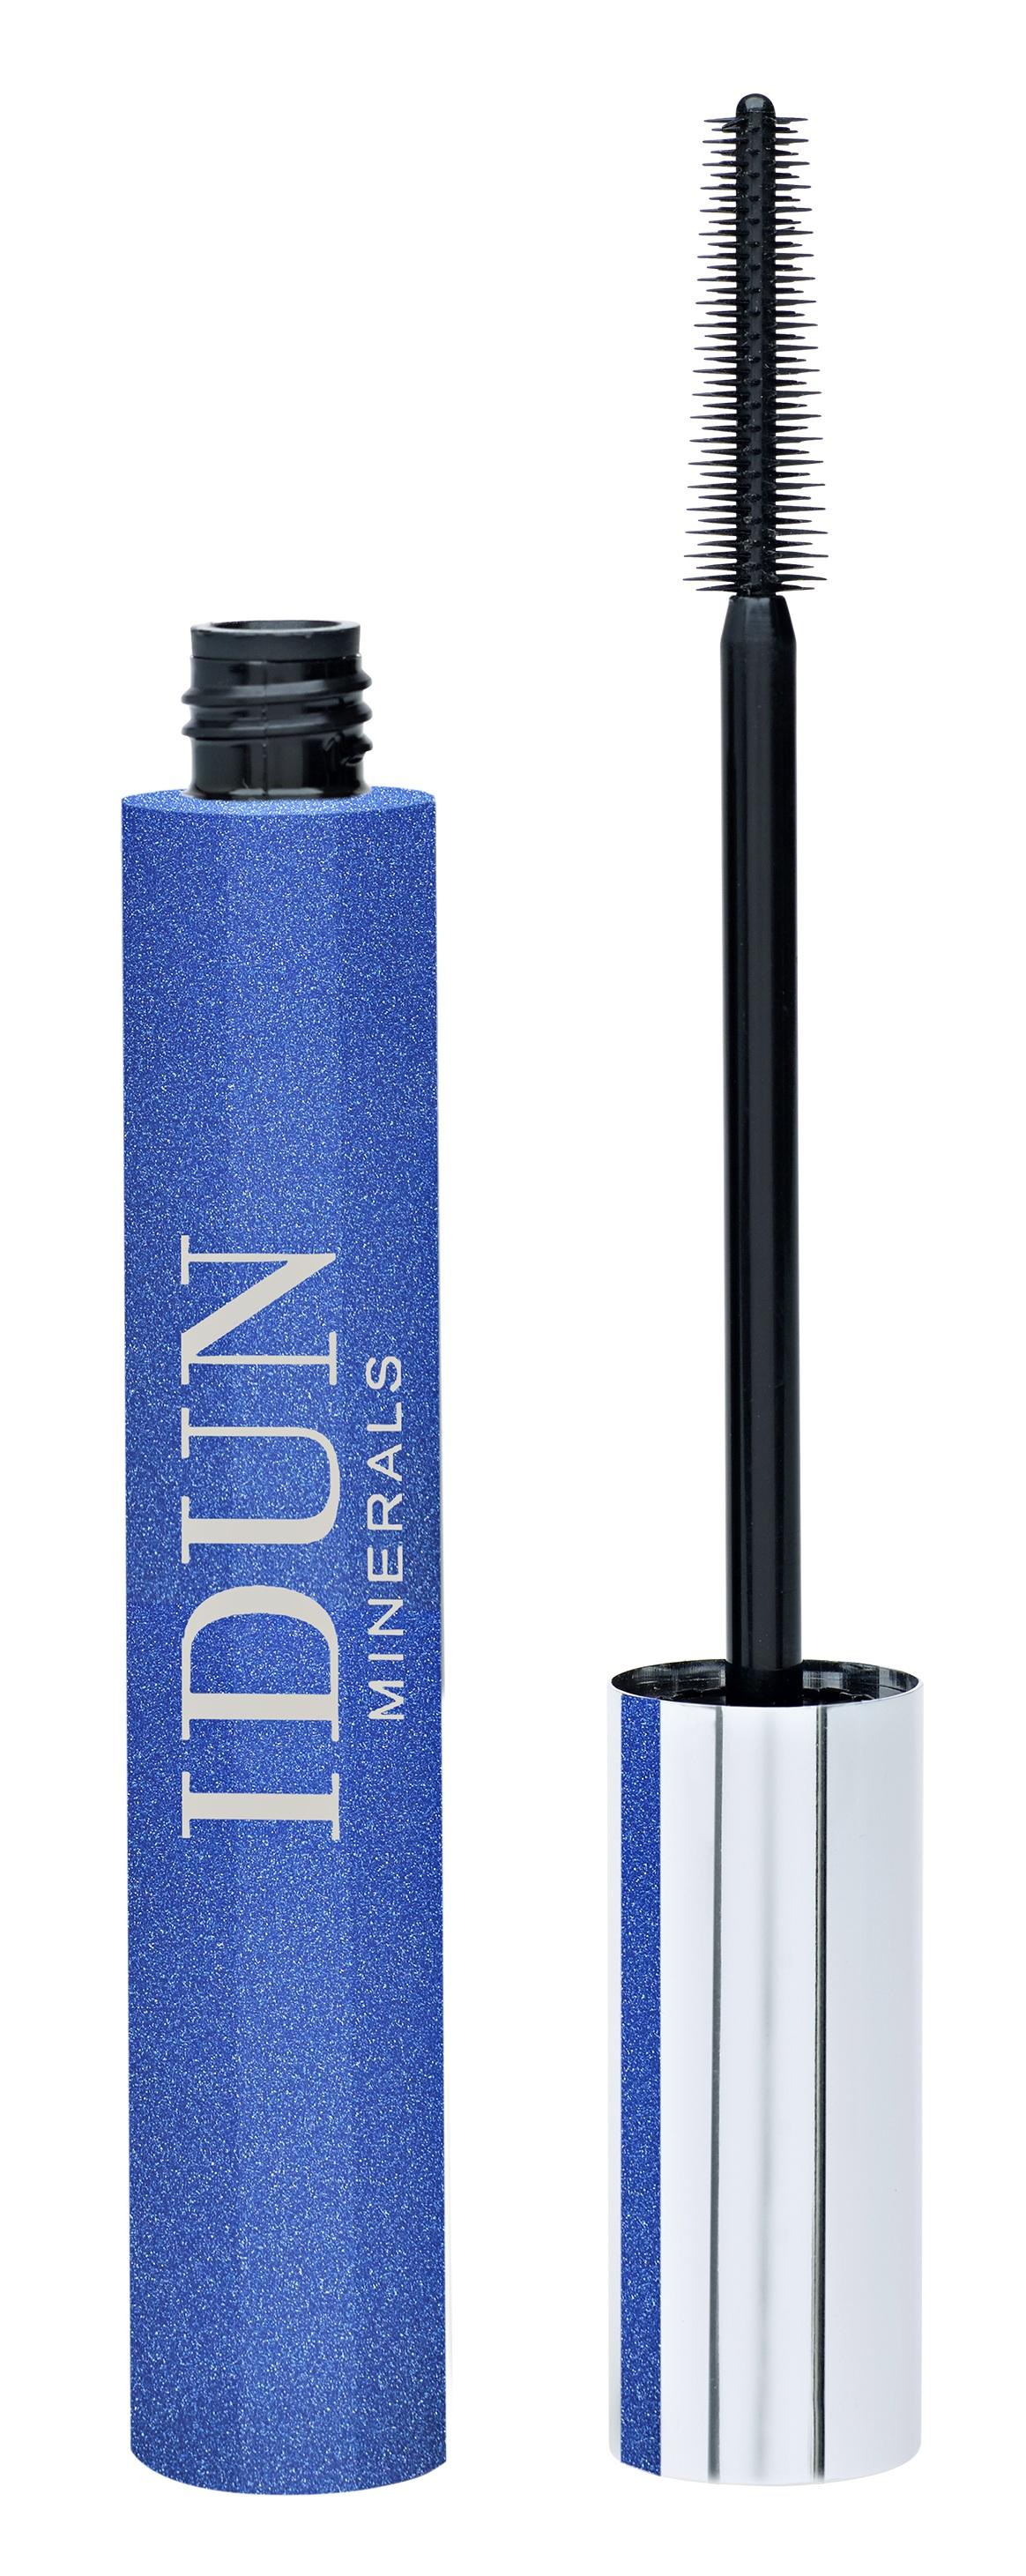 20130221_Idun_Produkt31682